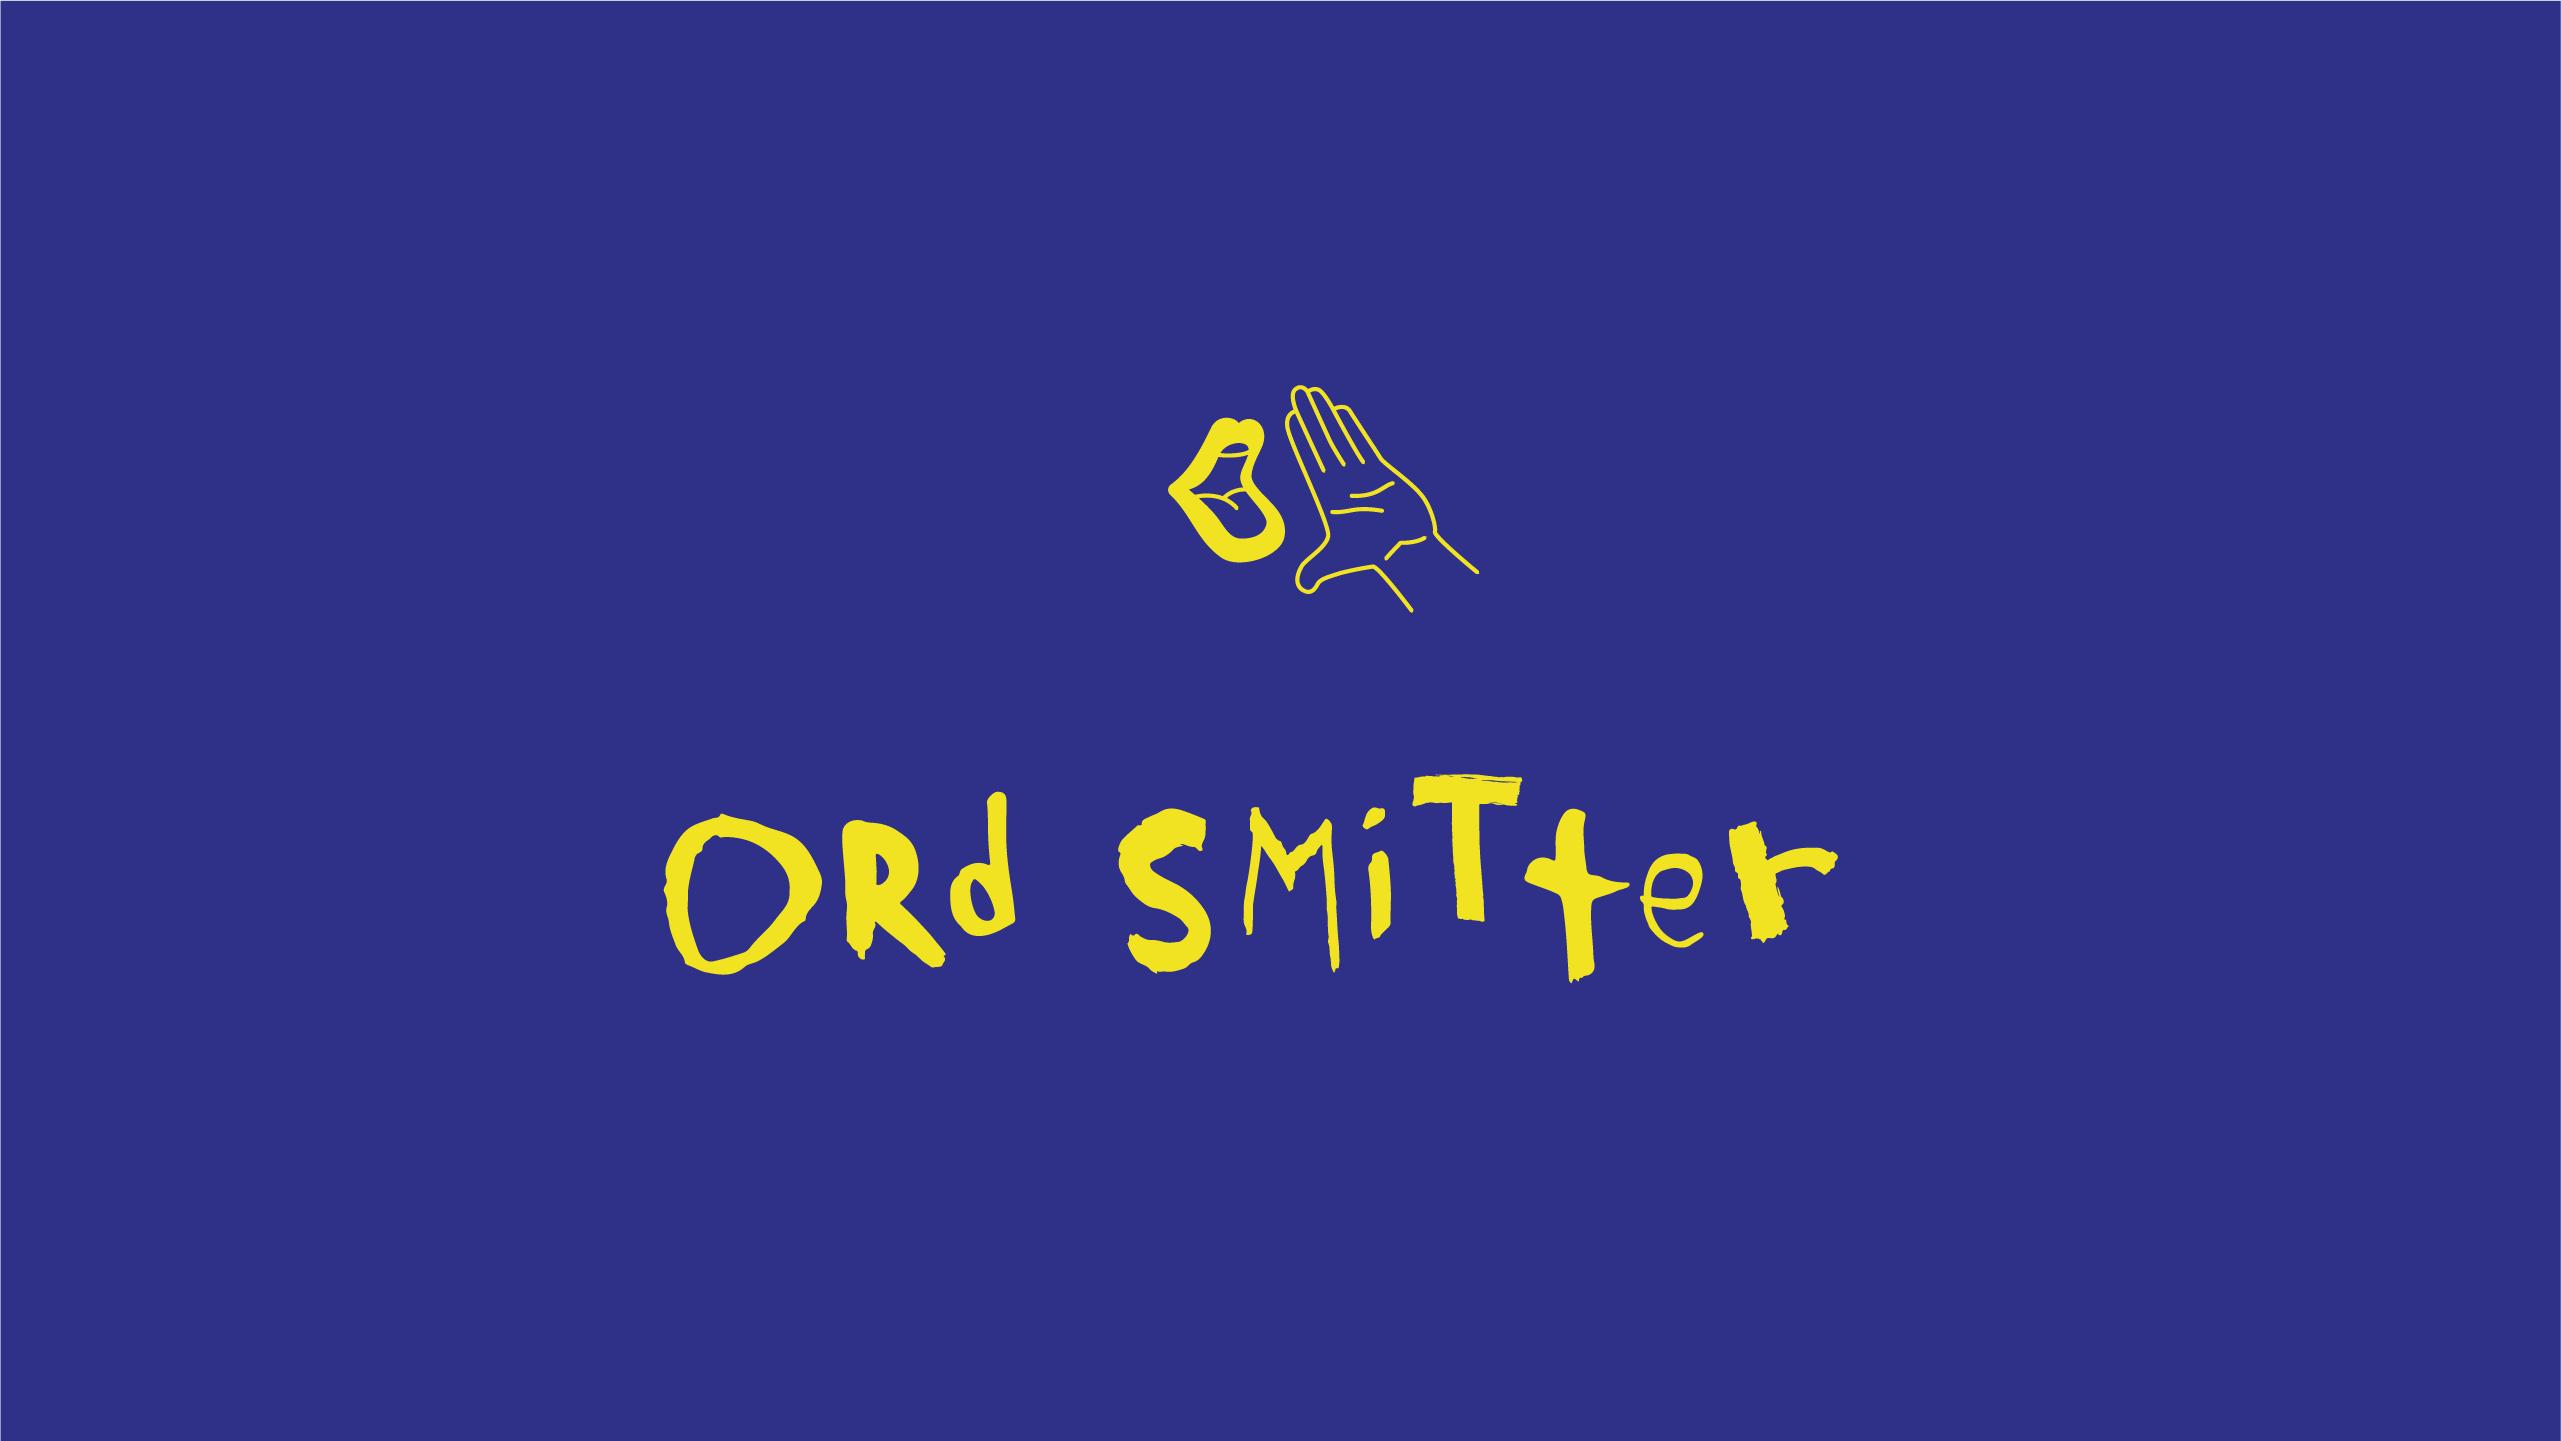 01-ORDSMITTER-VISUAL-hero